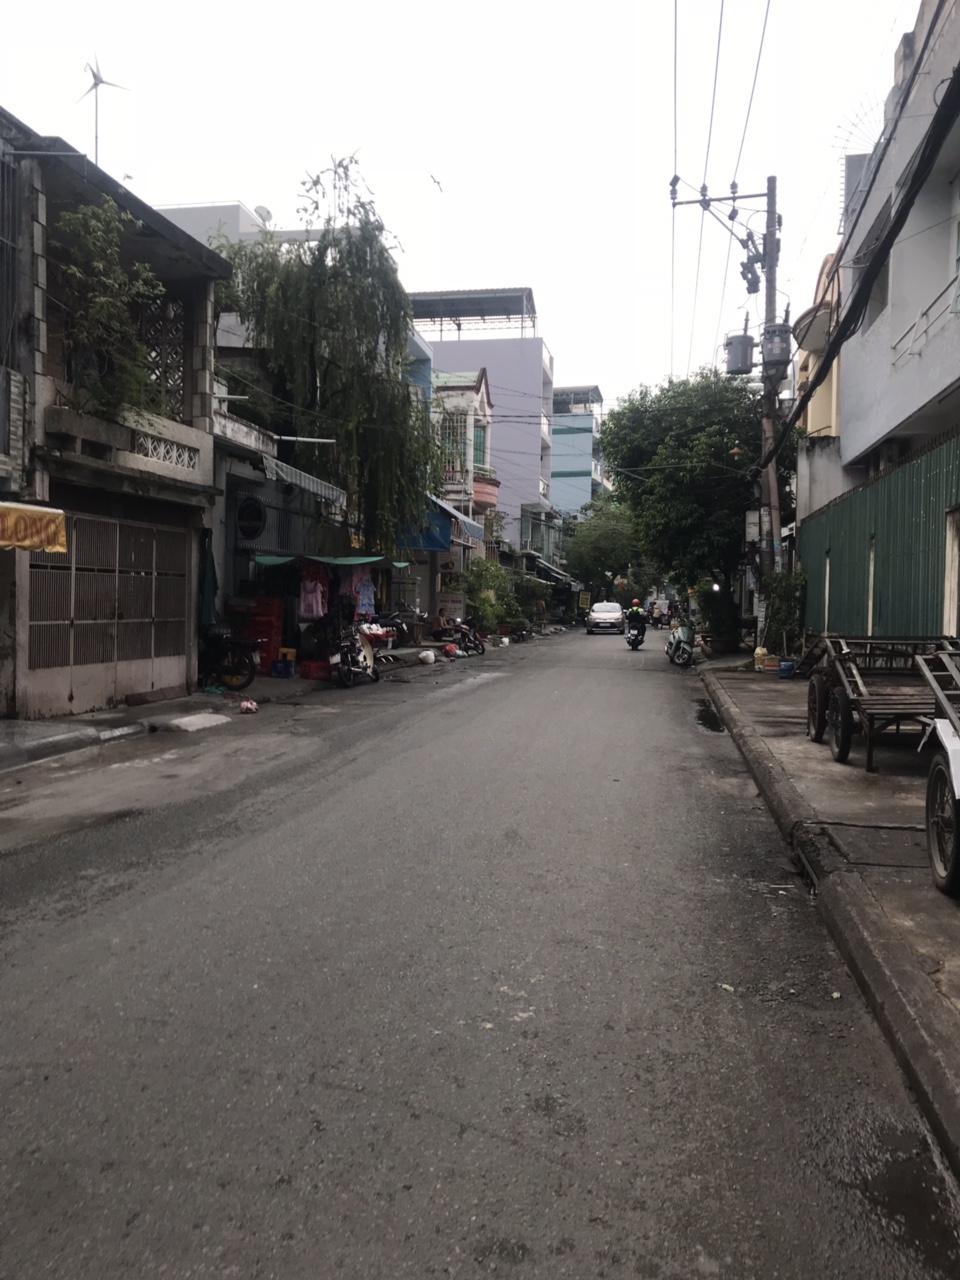 Bán nhà Mặt Tiền Đường Khuông Việt Quận Tân Phú, dt 4m x 21m, 1 trệt 1 lầu, giá 6,9 tỷ.2